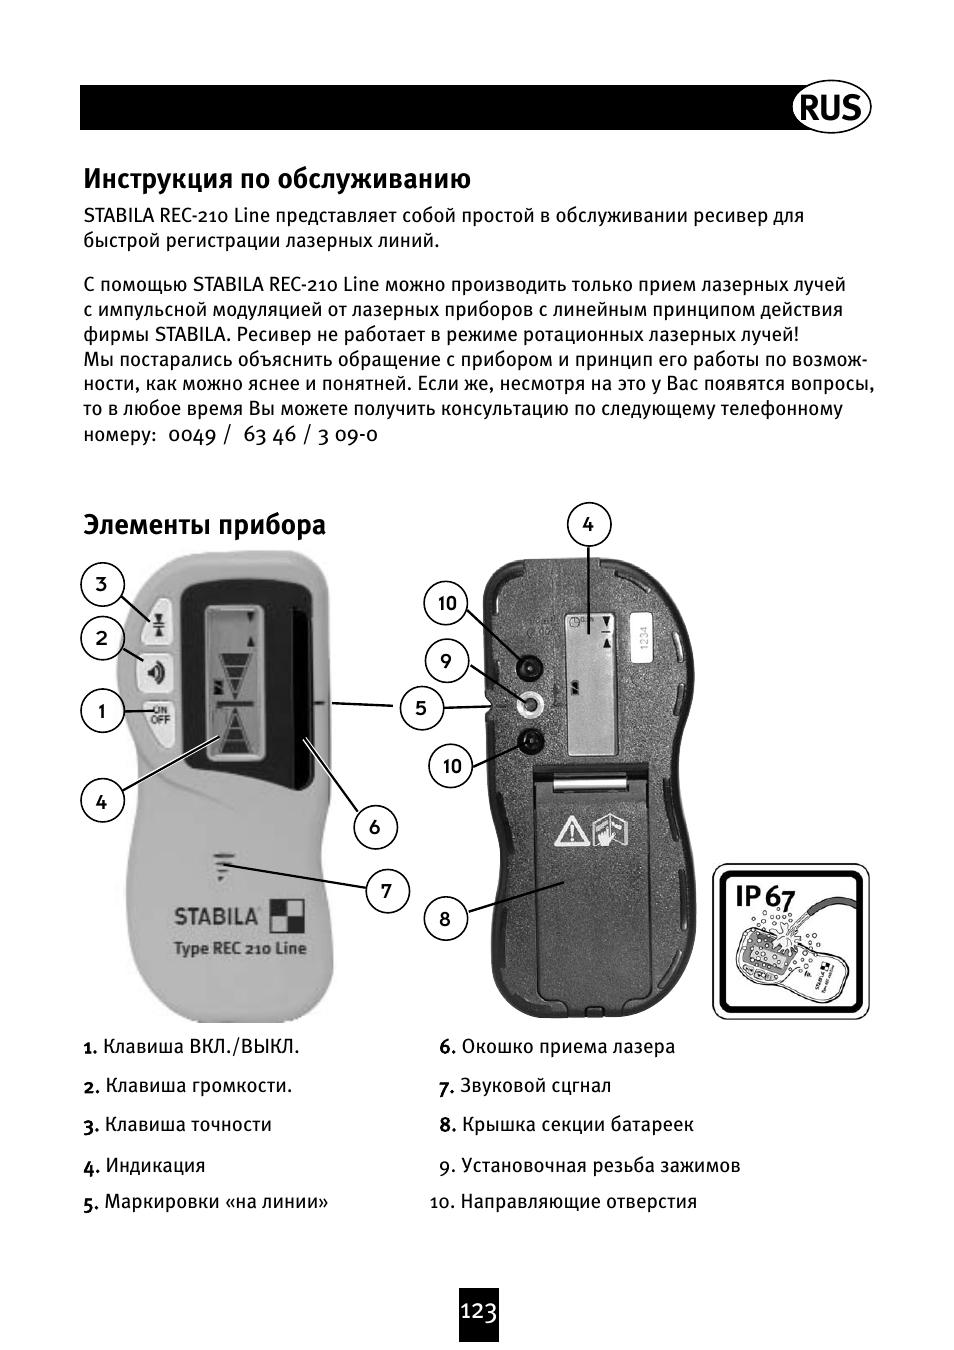 инструкция по обслуживанию мотовездеход keeway atv 250-c